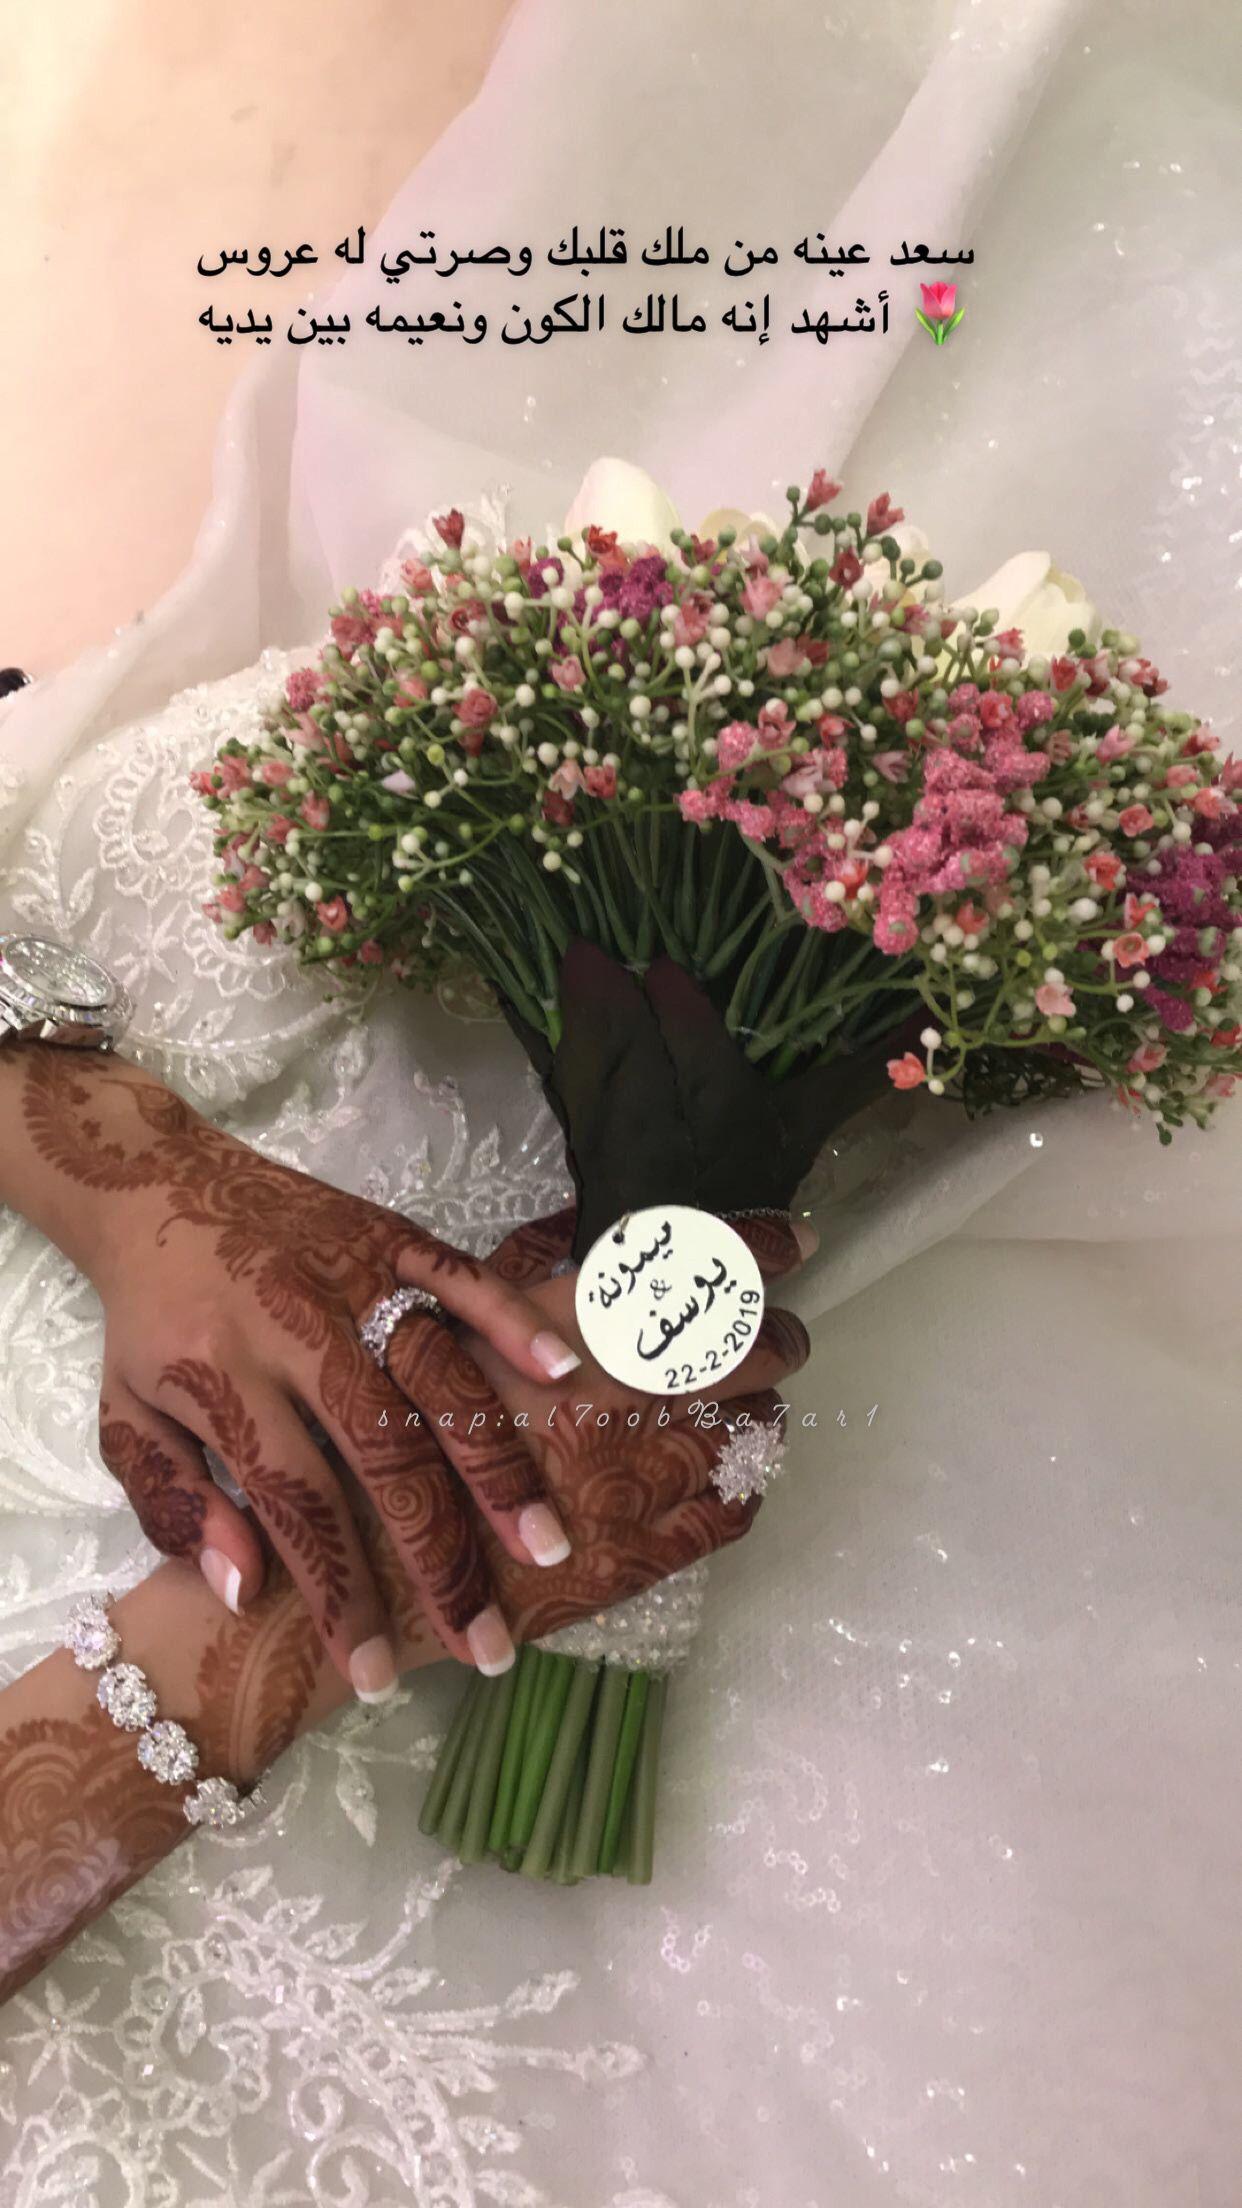 همسة تصويري تصويري سناب تصميمي تصميم ديكور كوشه زواج قاعة الدمام الخبر زفا Vintage Wedding Invitations Templates Wedding Logo Design Arab Wedding